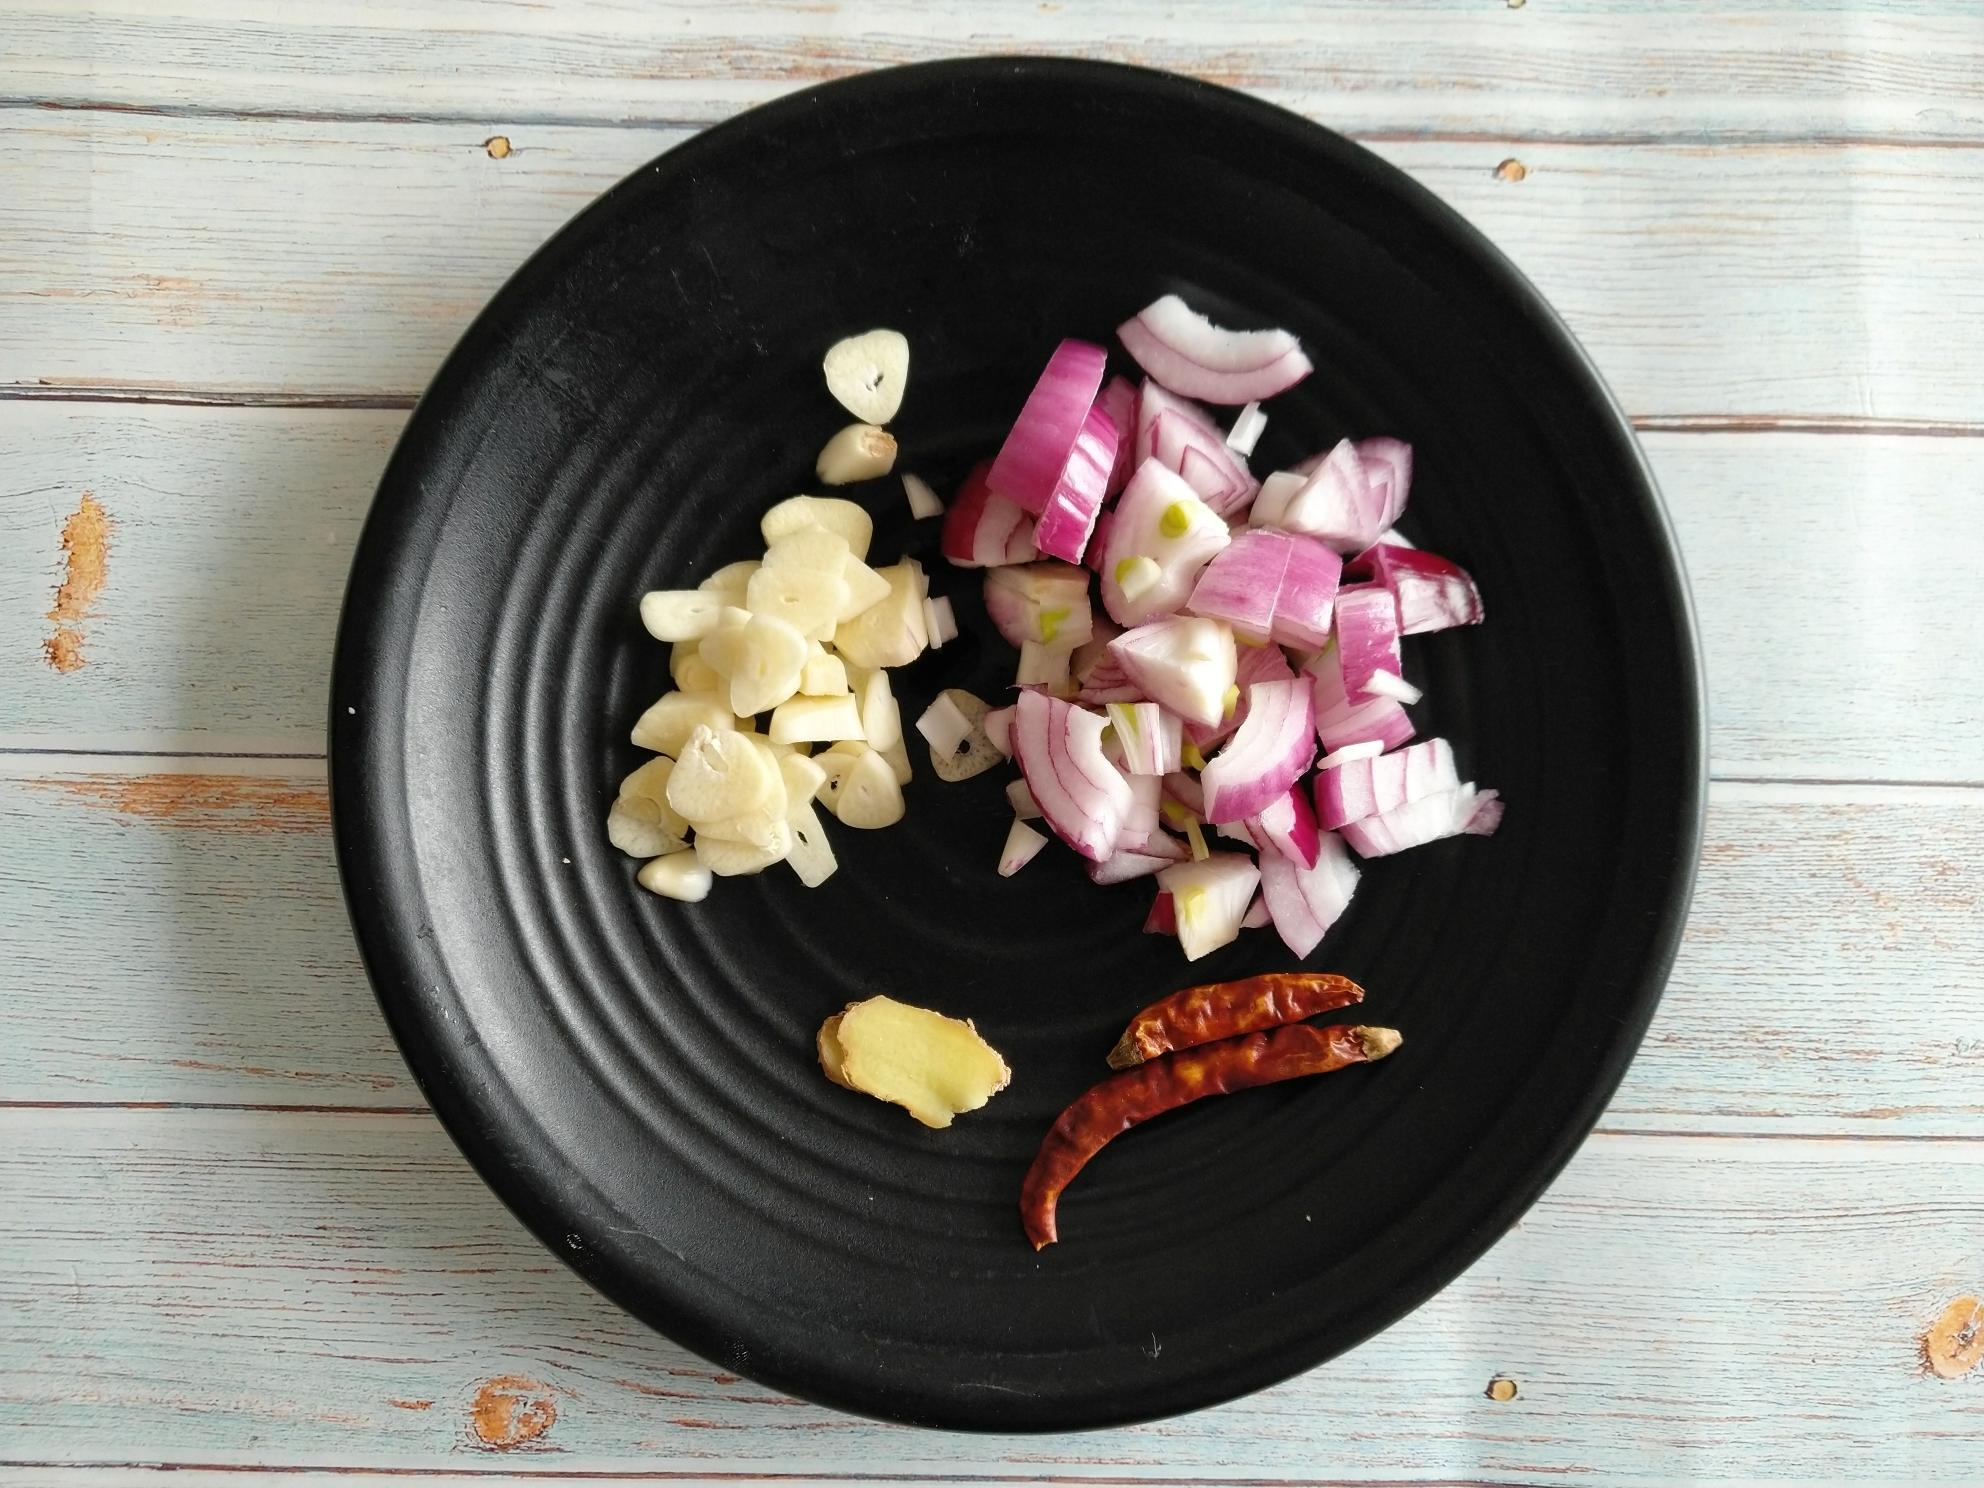 茄丁肉酱面,洋葱切小块、姜、蒜切片备用</p> <p>